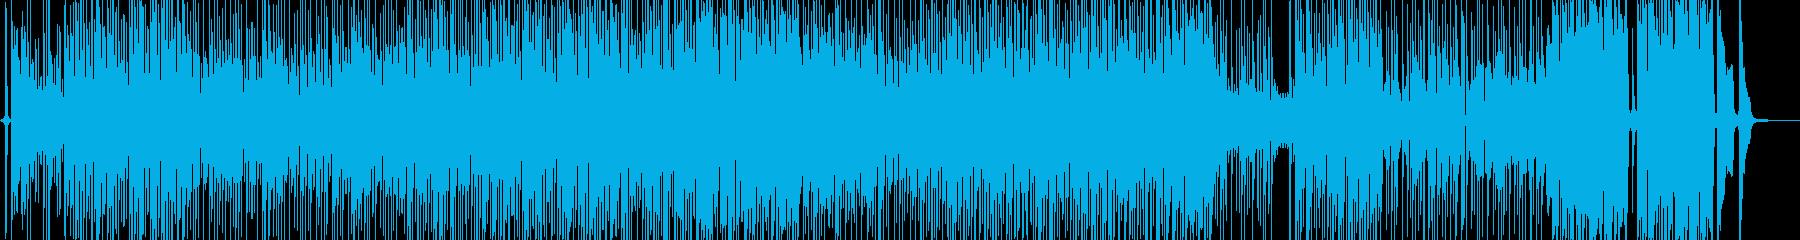 手品・お笑いの雰囲気に適したファンクの再生済みの波形